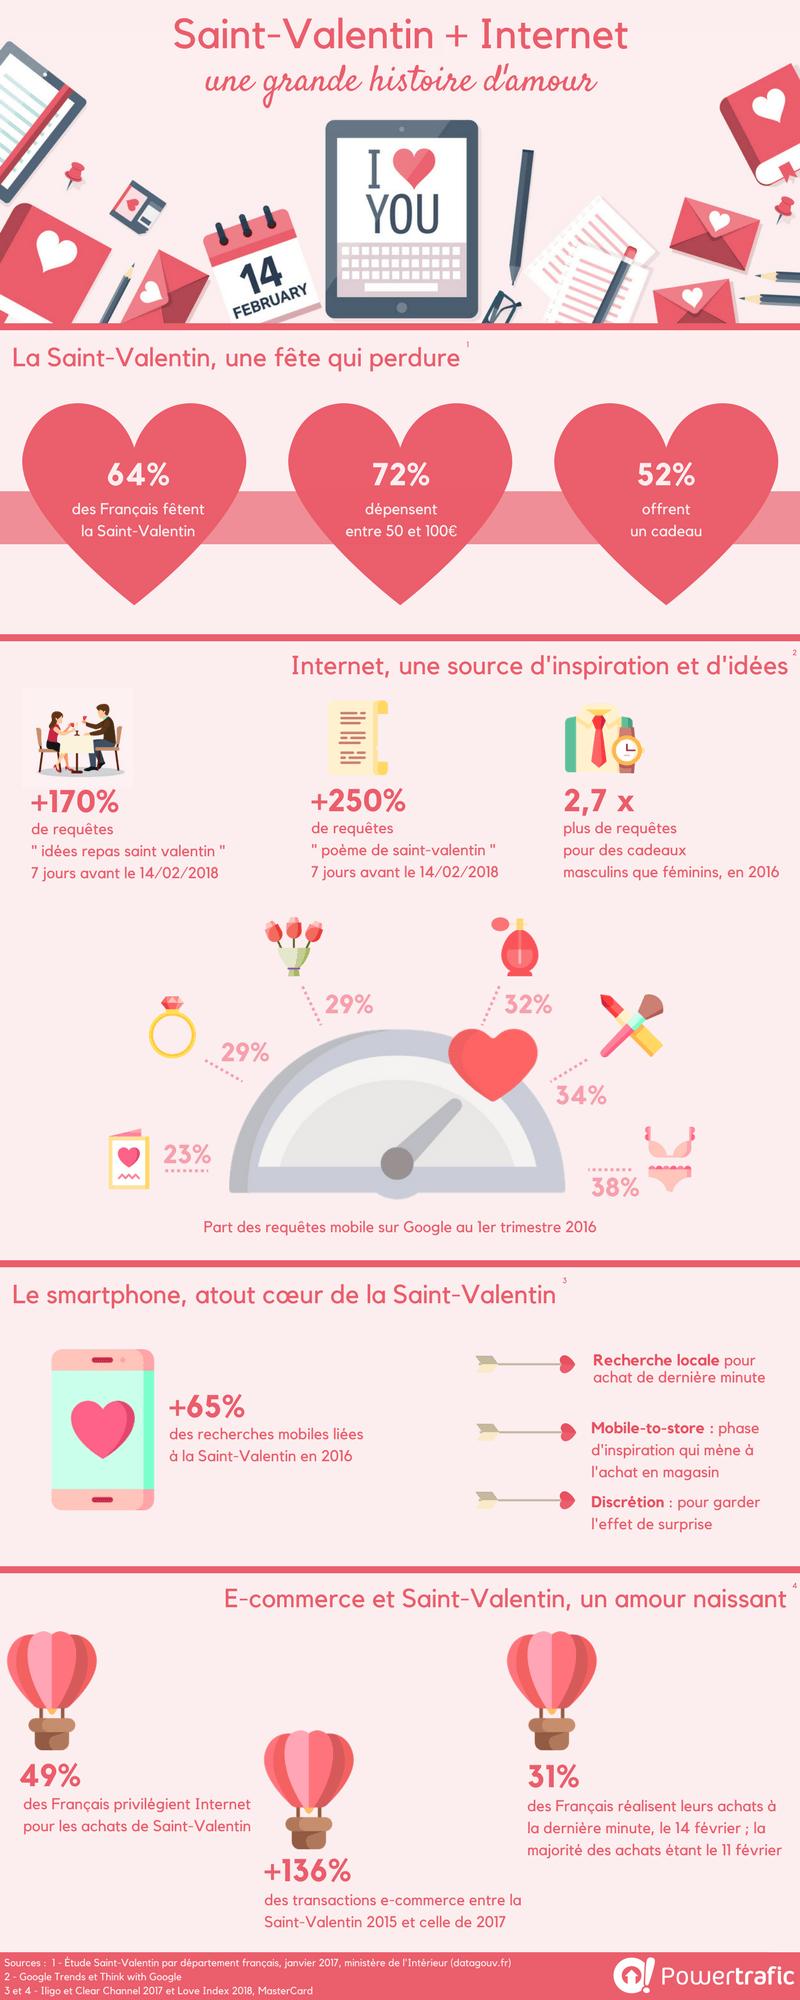 Infographie Saint Valentin Internet Une Grande